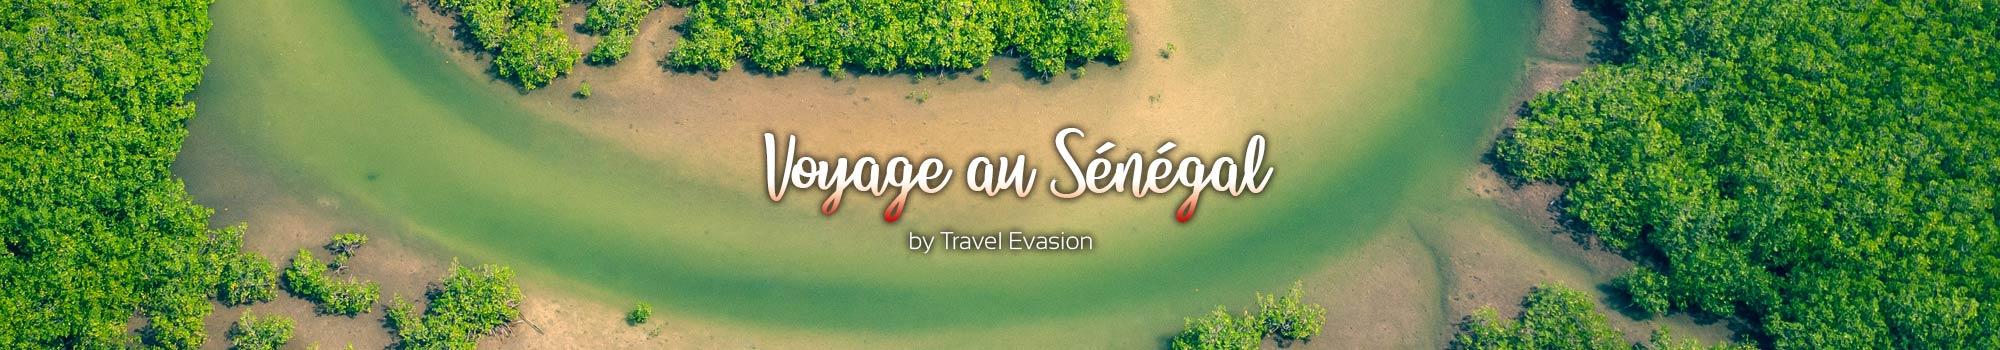 Voyage au Sénégal, des vacances en Afrique inoubliables.